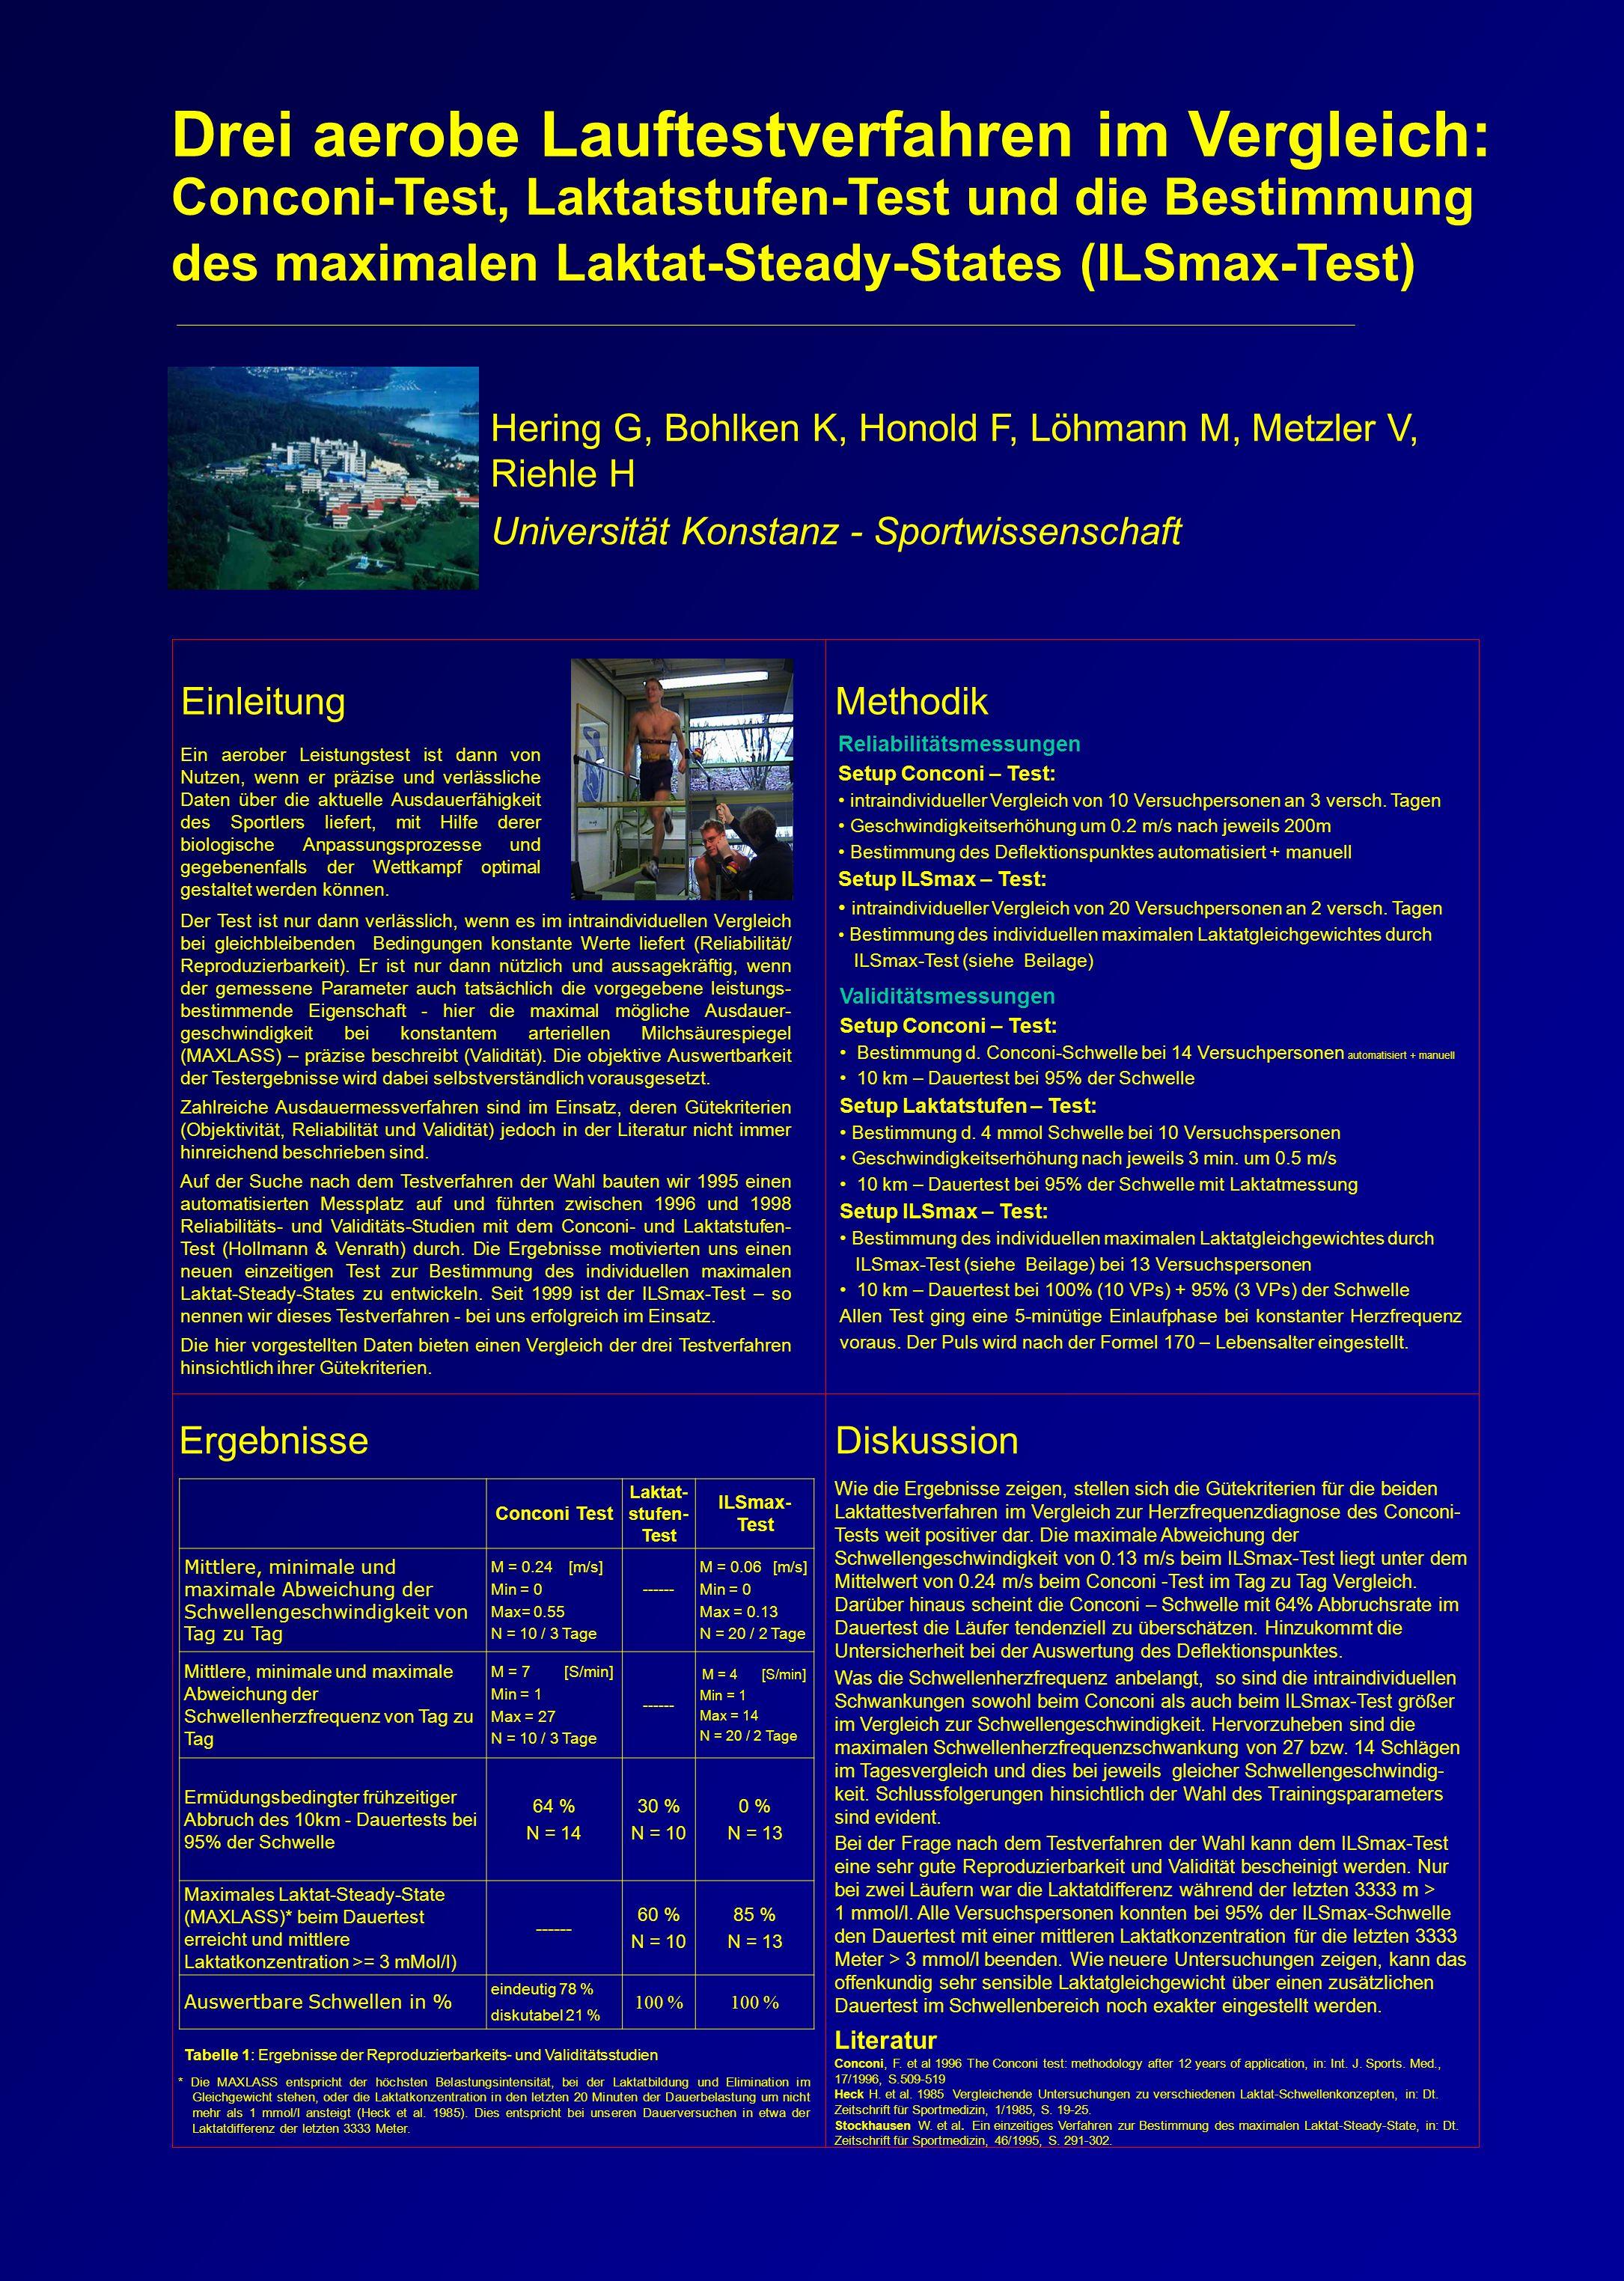 Drei aerobe Lauftestverfahren im Vergleich: Conconi-Test, Laktatstufen-Test und die Bestimmung des maximalen Laktat-Steady-States (ILSmax-Test) Hering